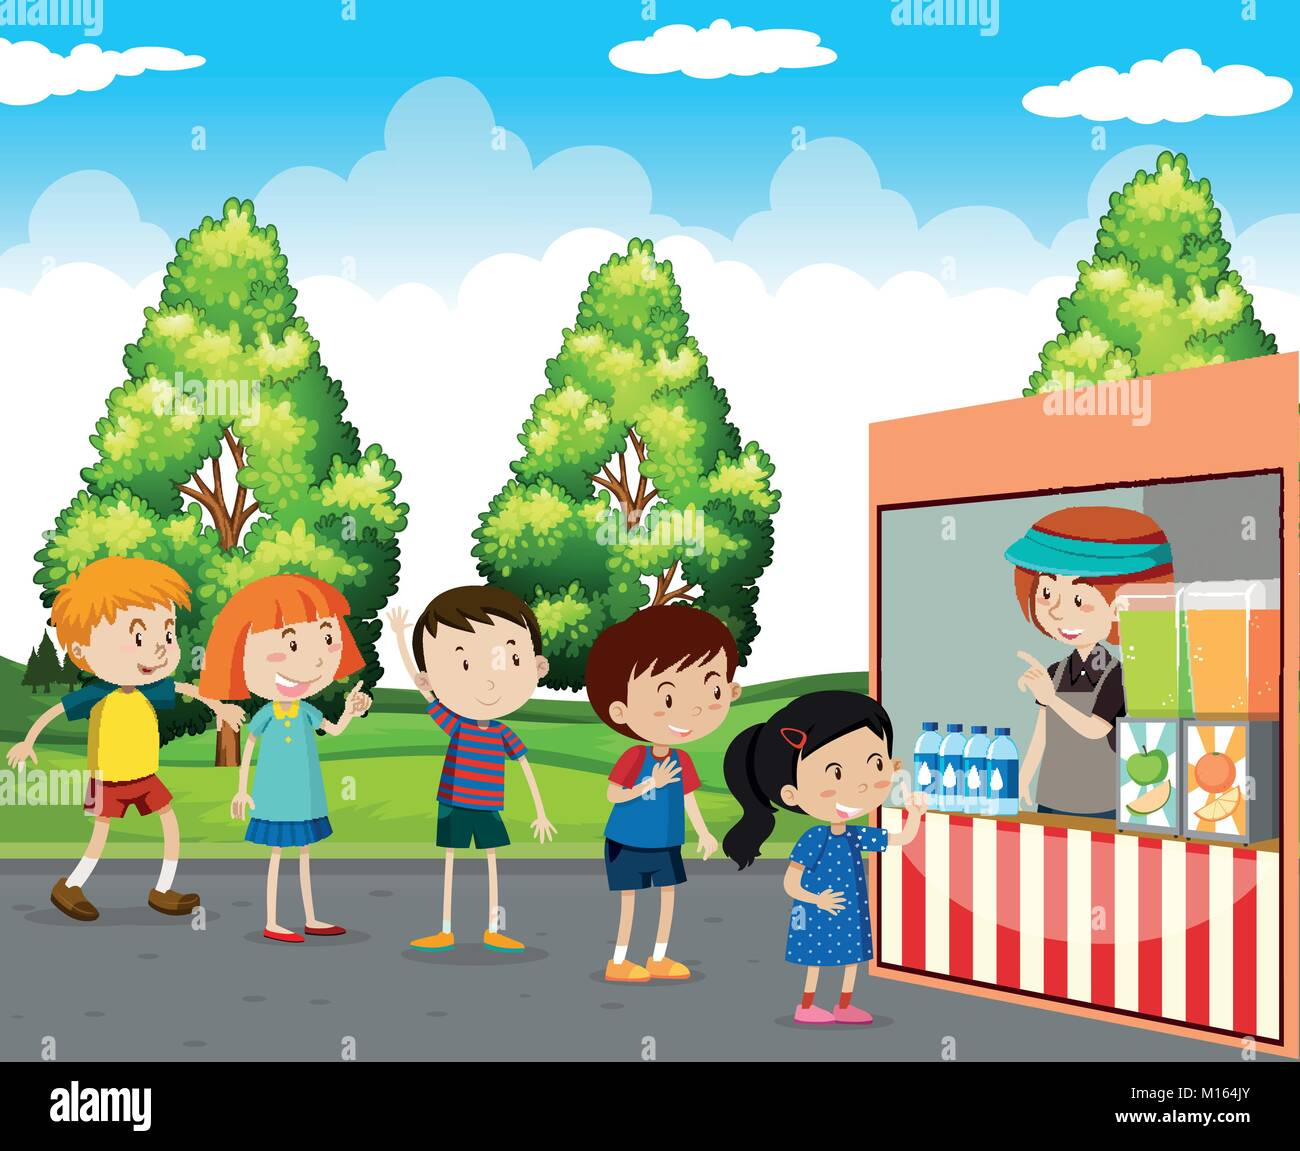 Kinder Getränke kaufen in park Abbildung Vektor Abbildung - Bild ...